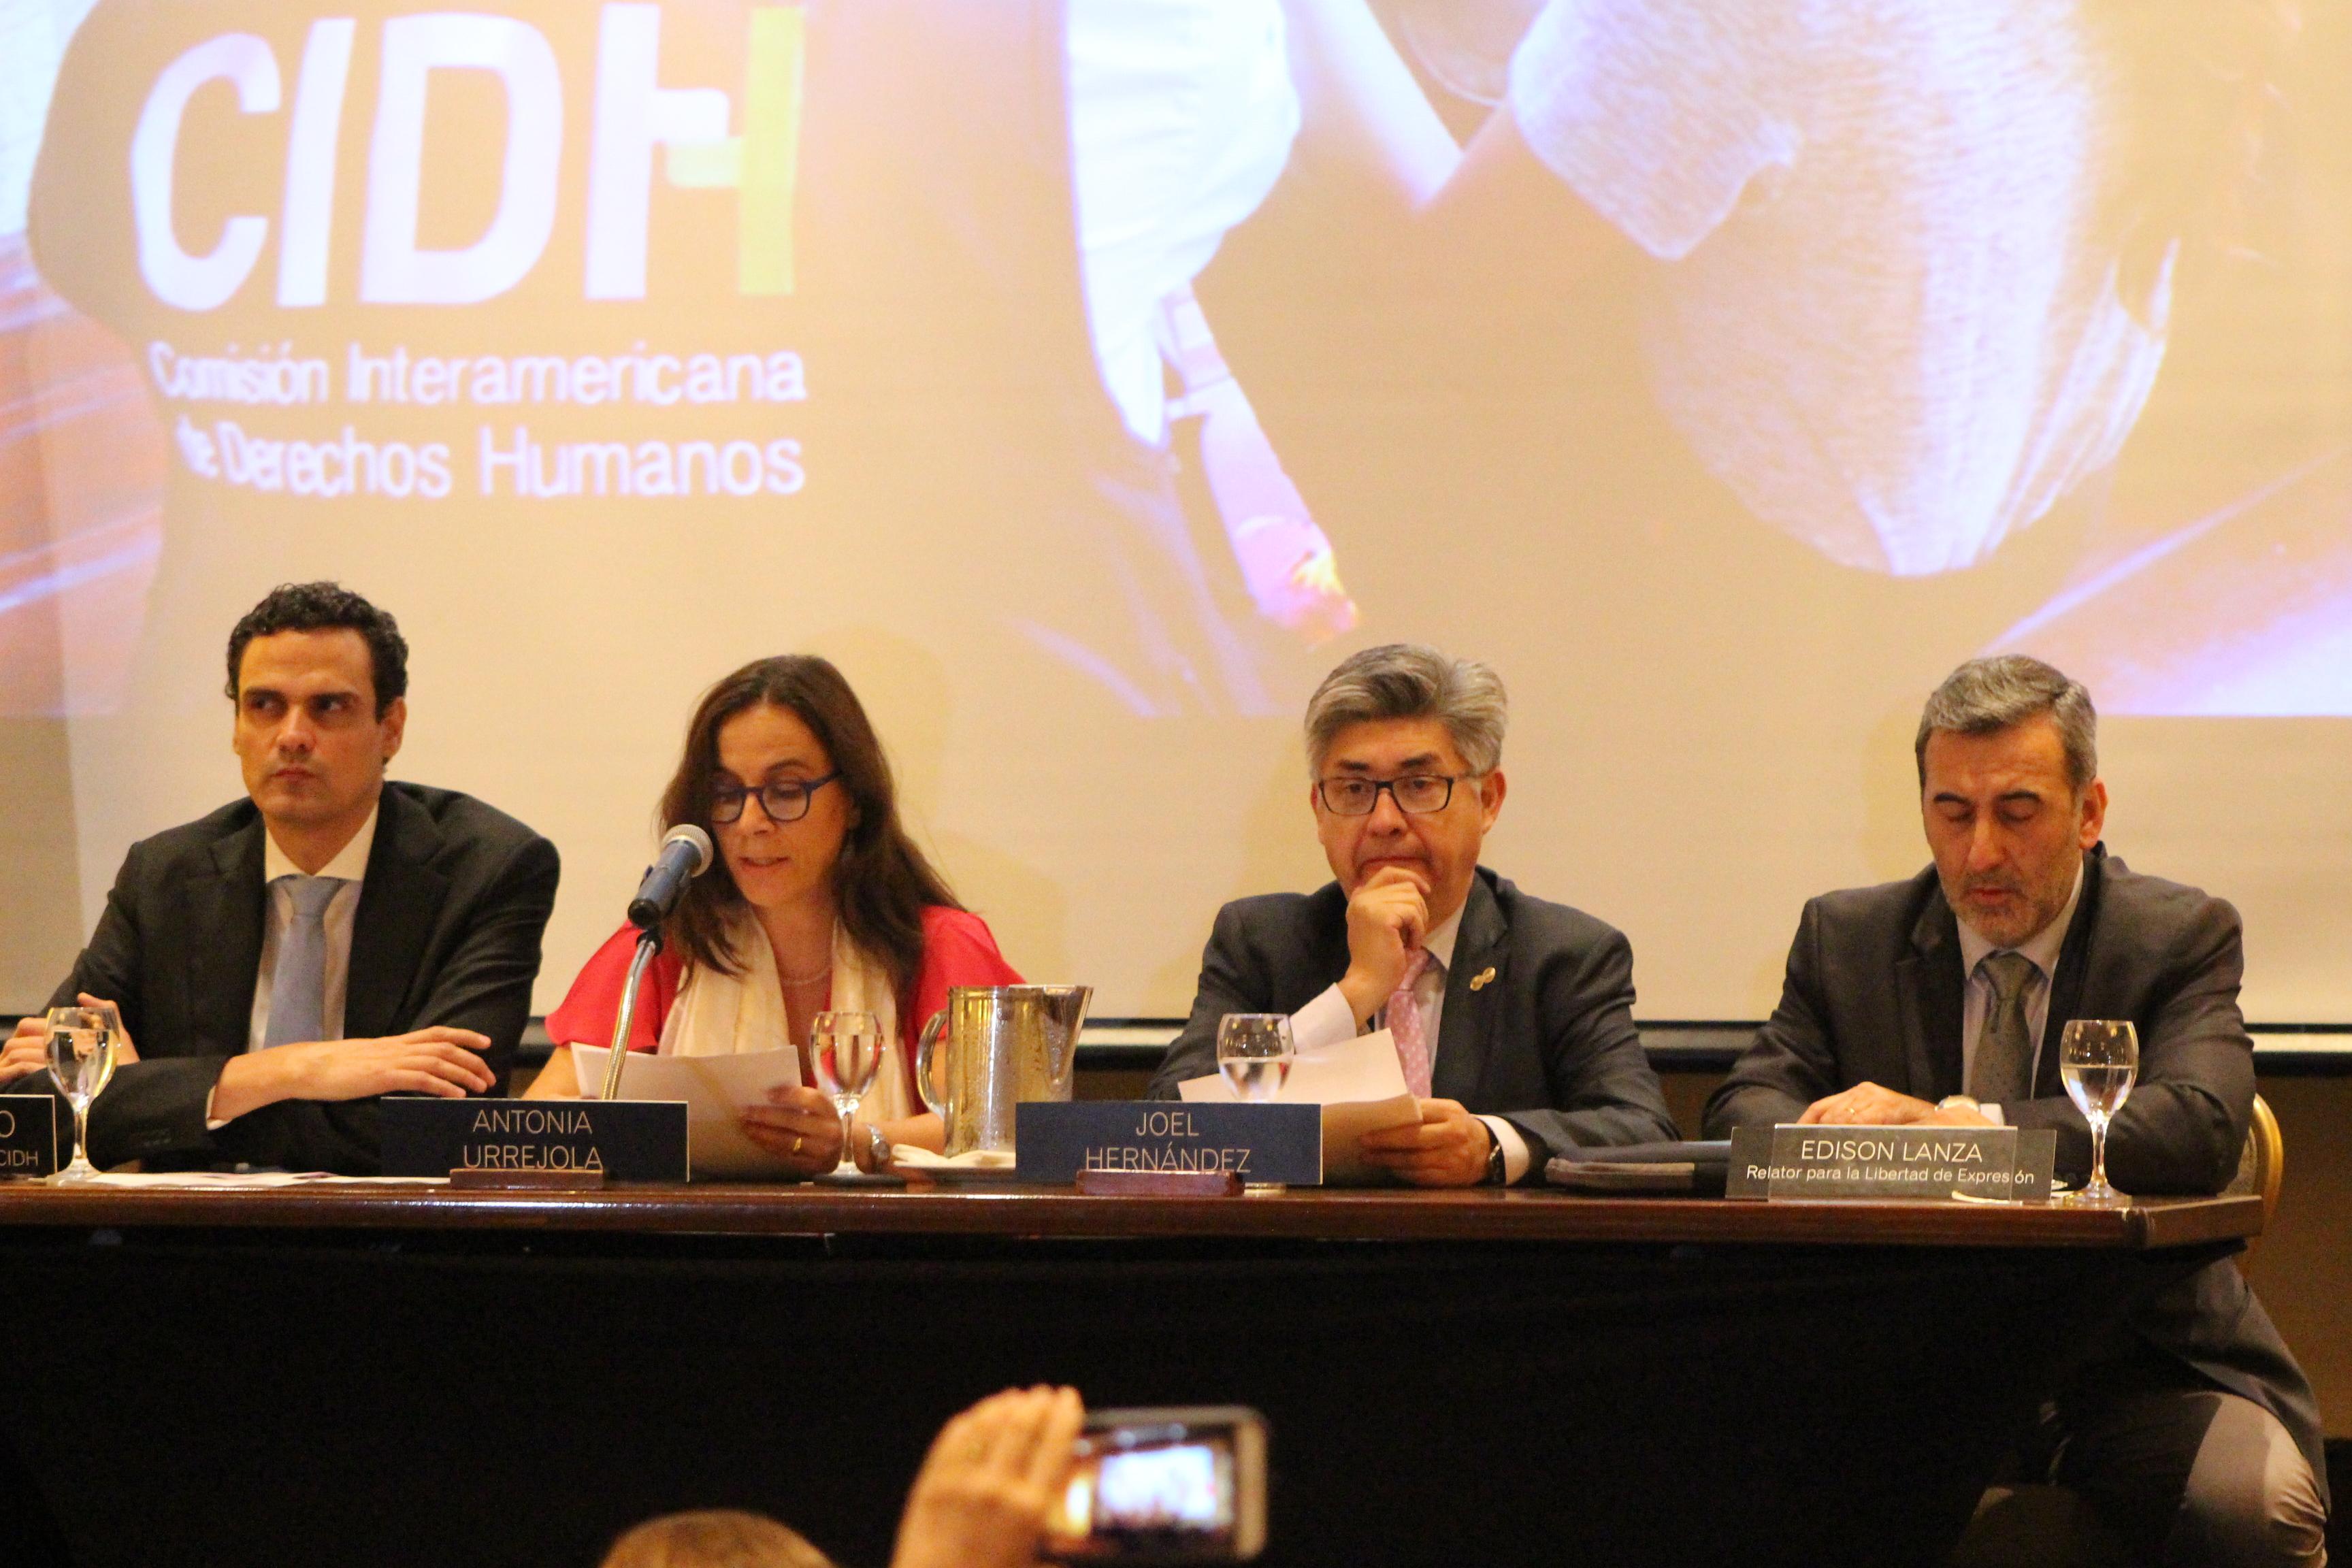 """Equipo de trabajo de la CIDH concluyó que en Nicaragua se registraron """"graves abusos a los derechos de los nicaragüenses"""". Foto: M. Mercado"""